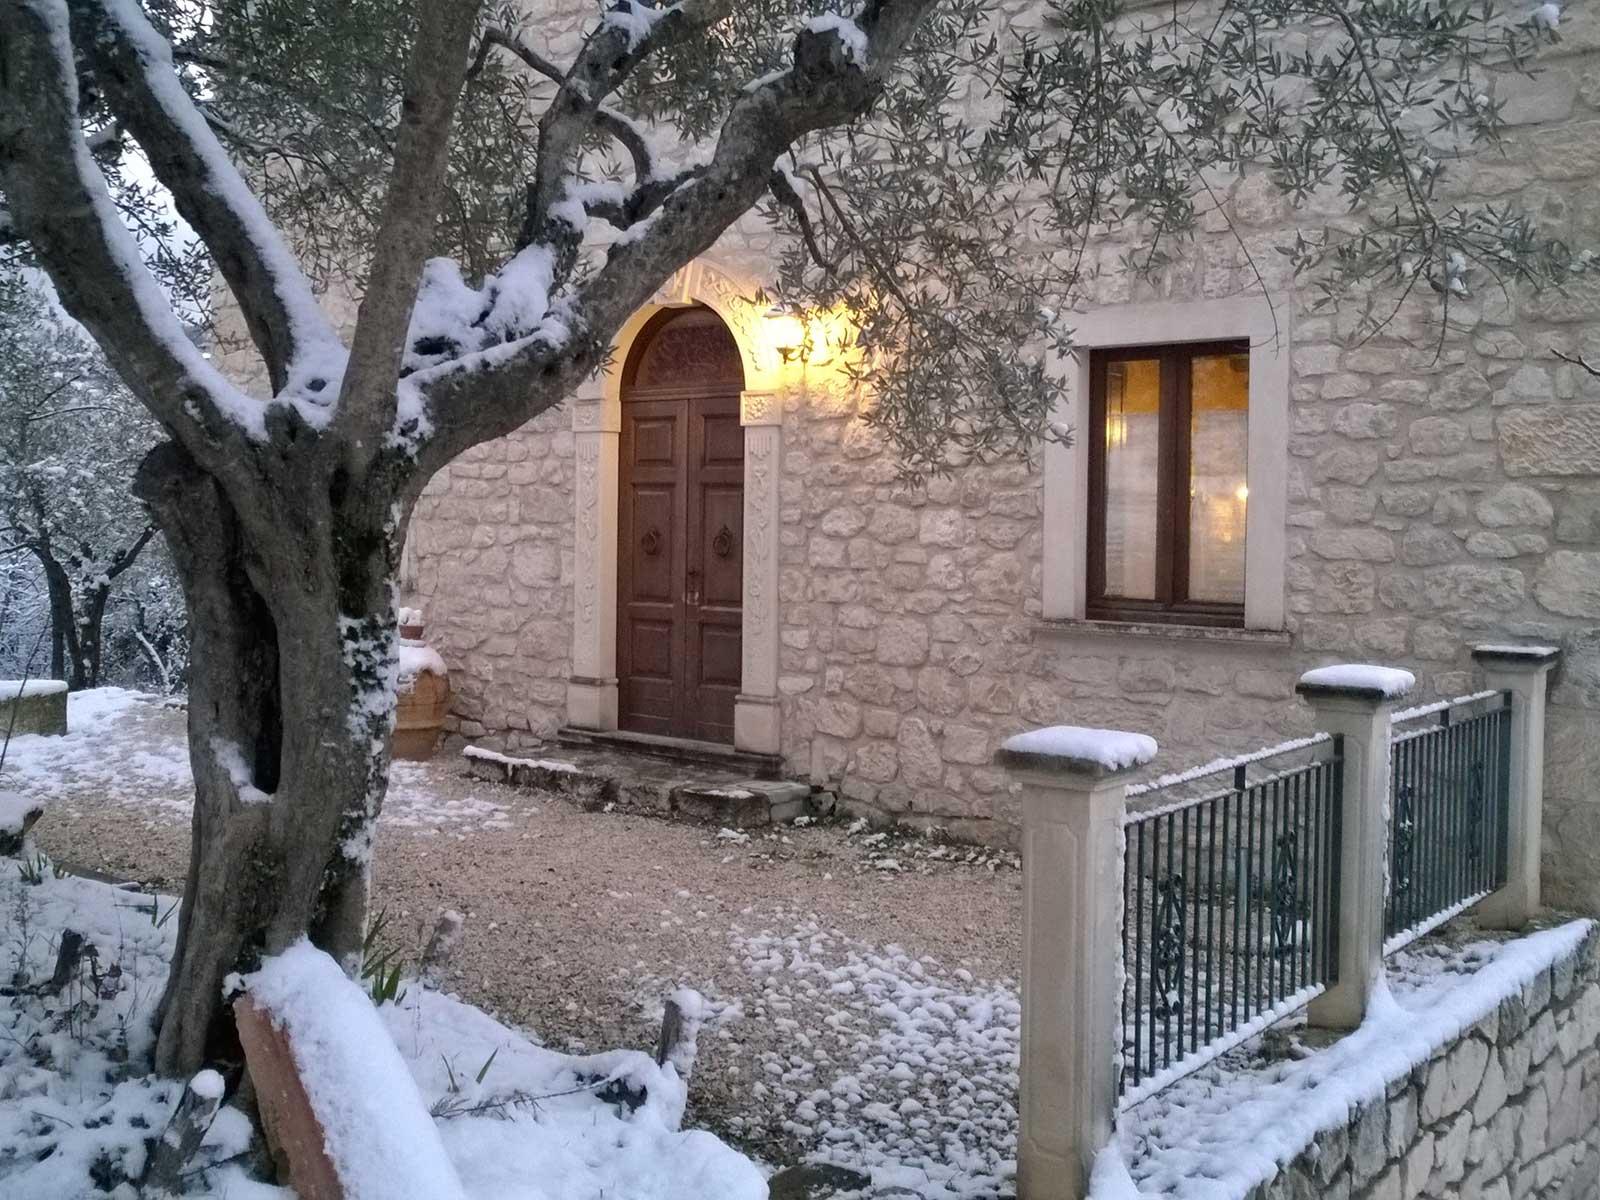 Casolare Casolare in vendita Abbateggio (PE), Casa Selva - Abbateggio - EUR 450.000 240